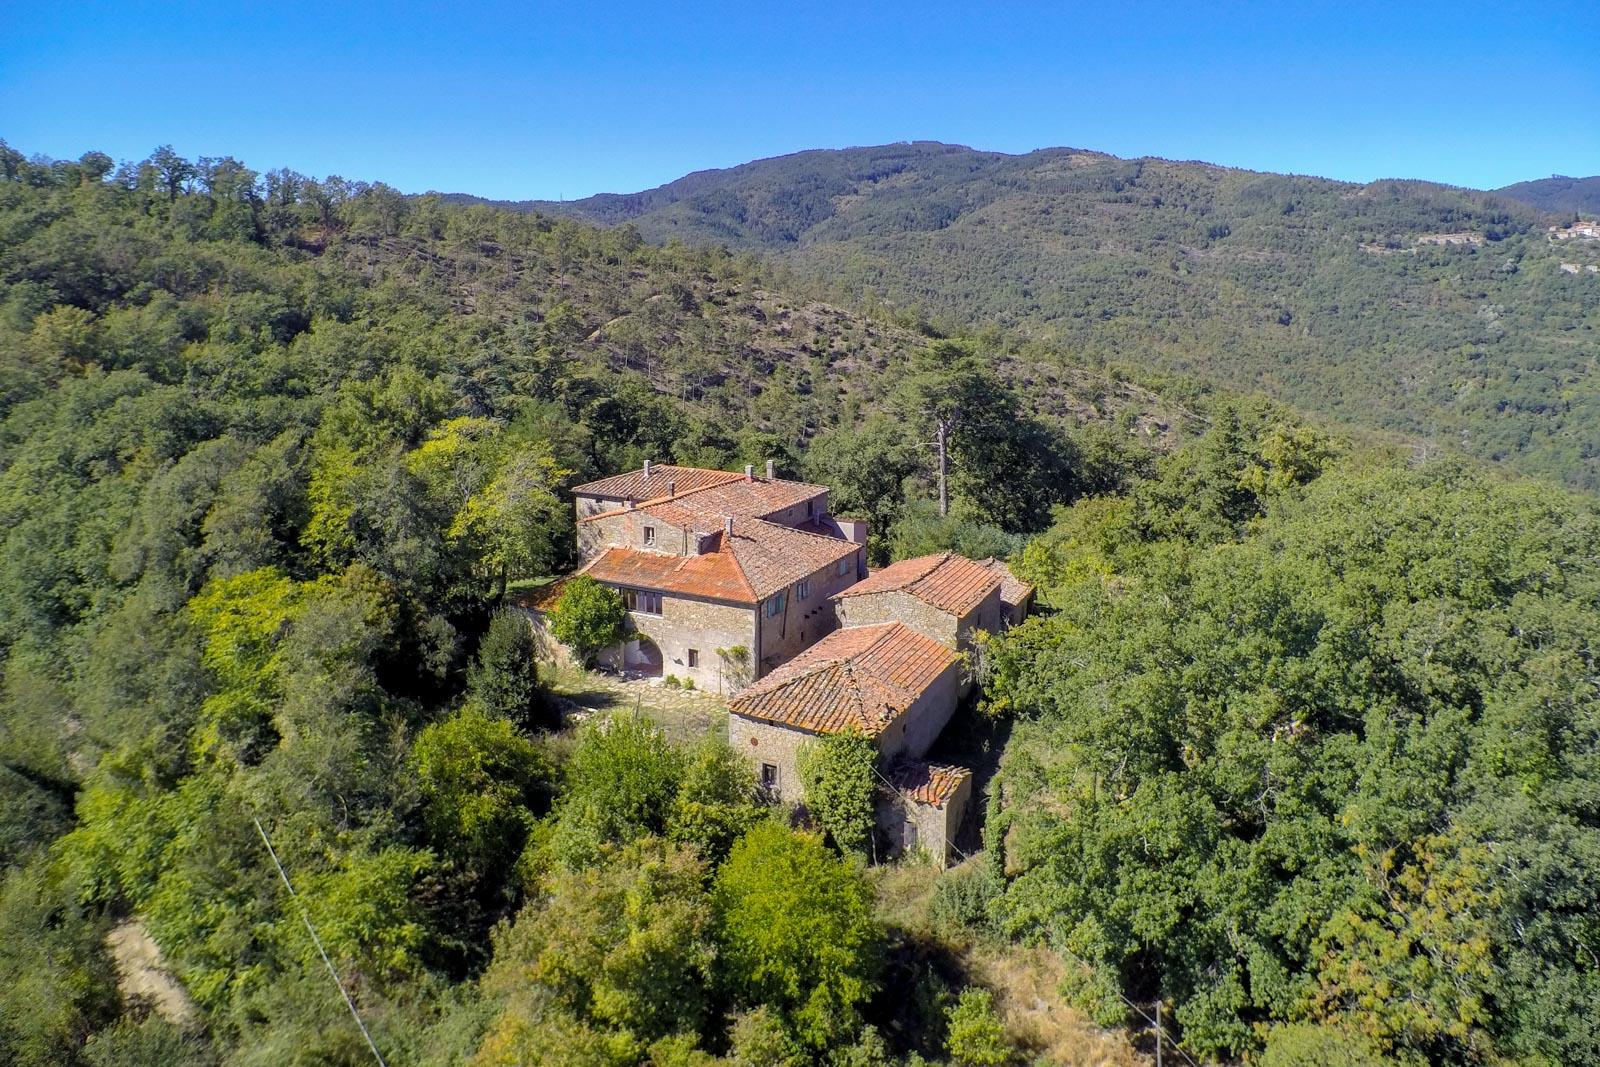 Casa Colonica mit Nebengebäuden und 12 ha Wald in einem Waldgebiet nahe Arezzo in der Toskana